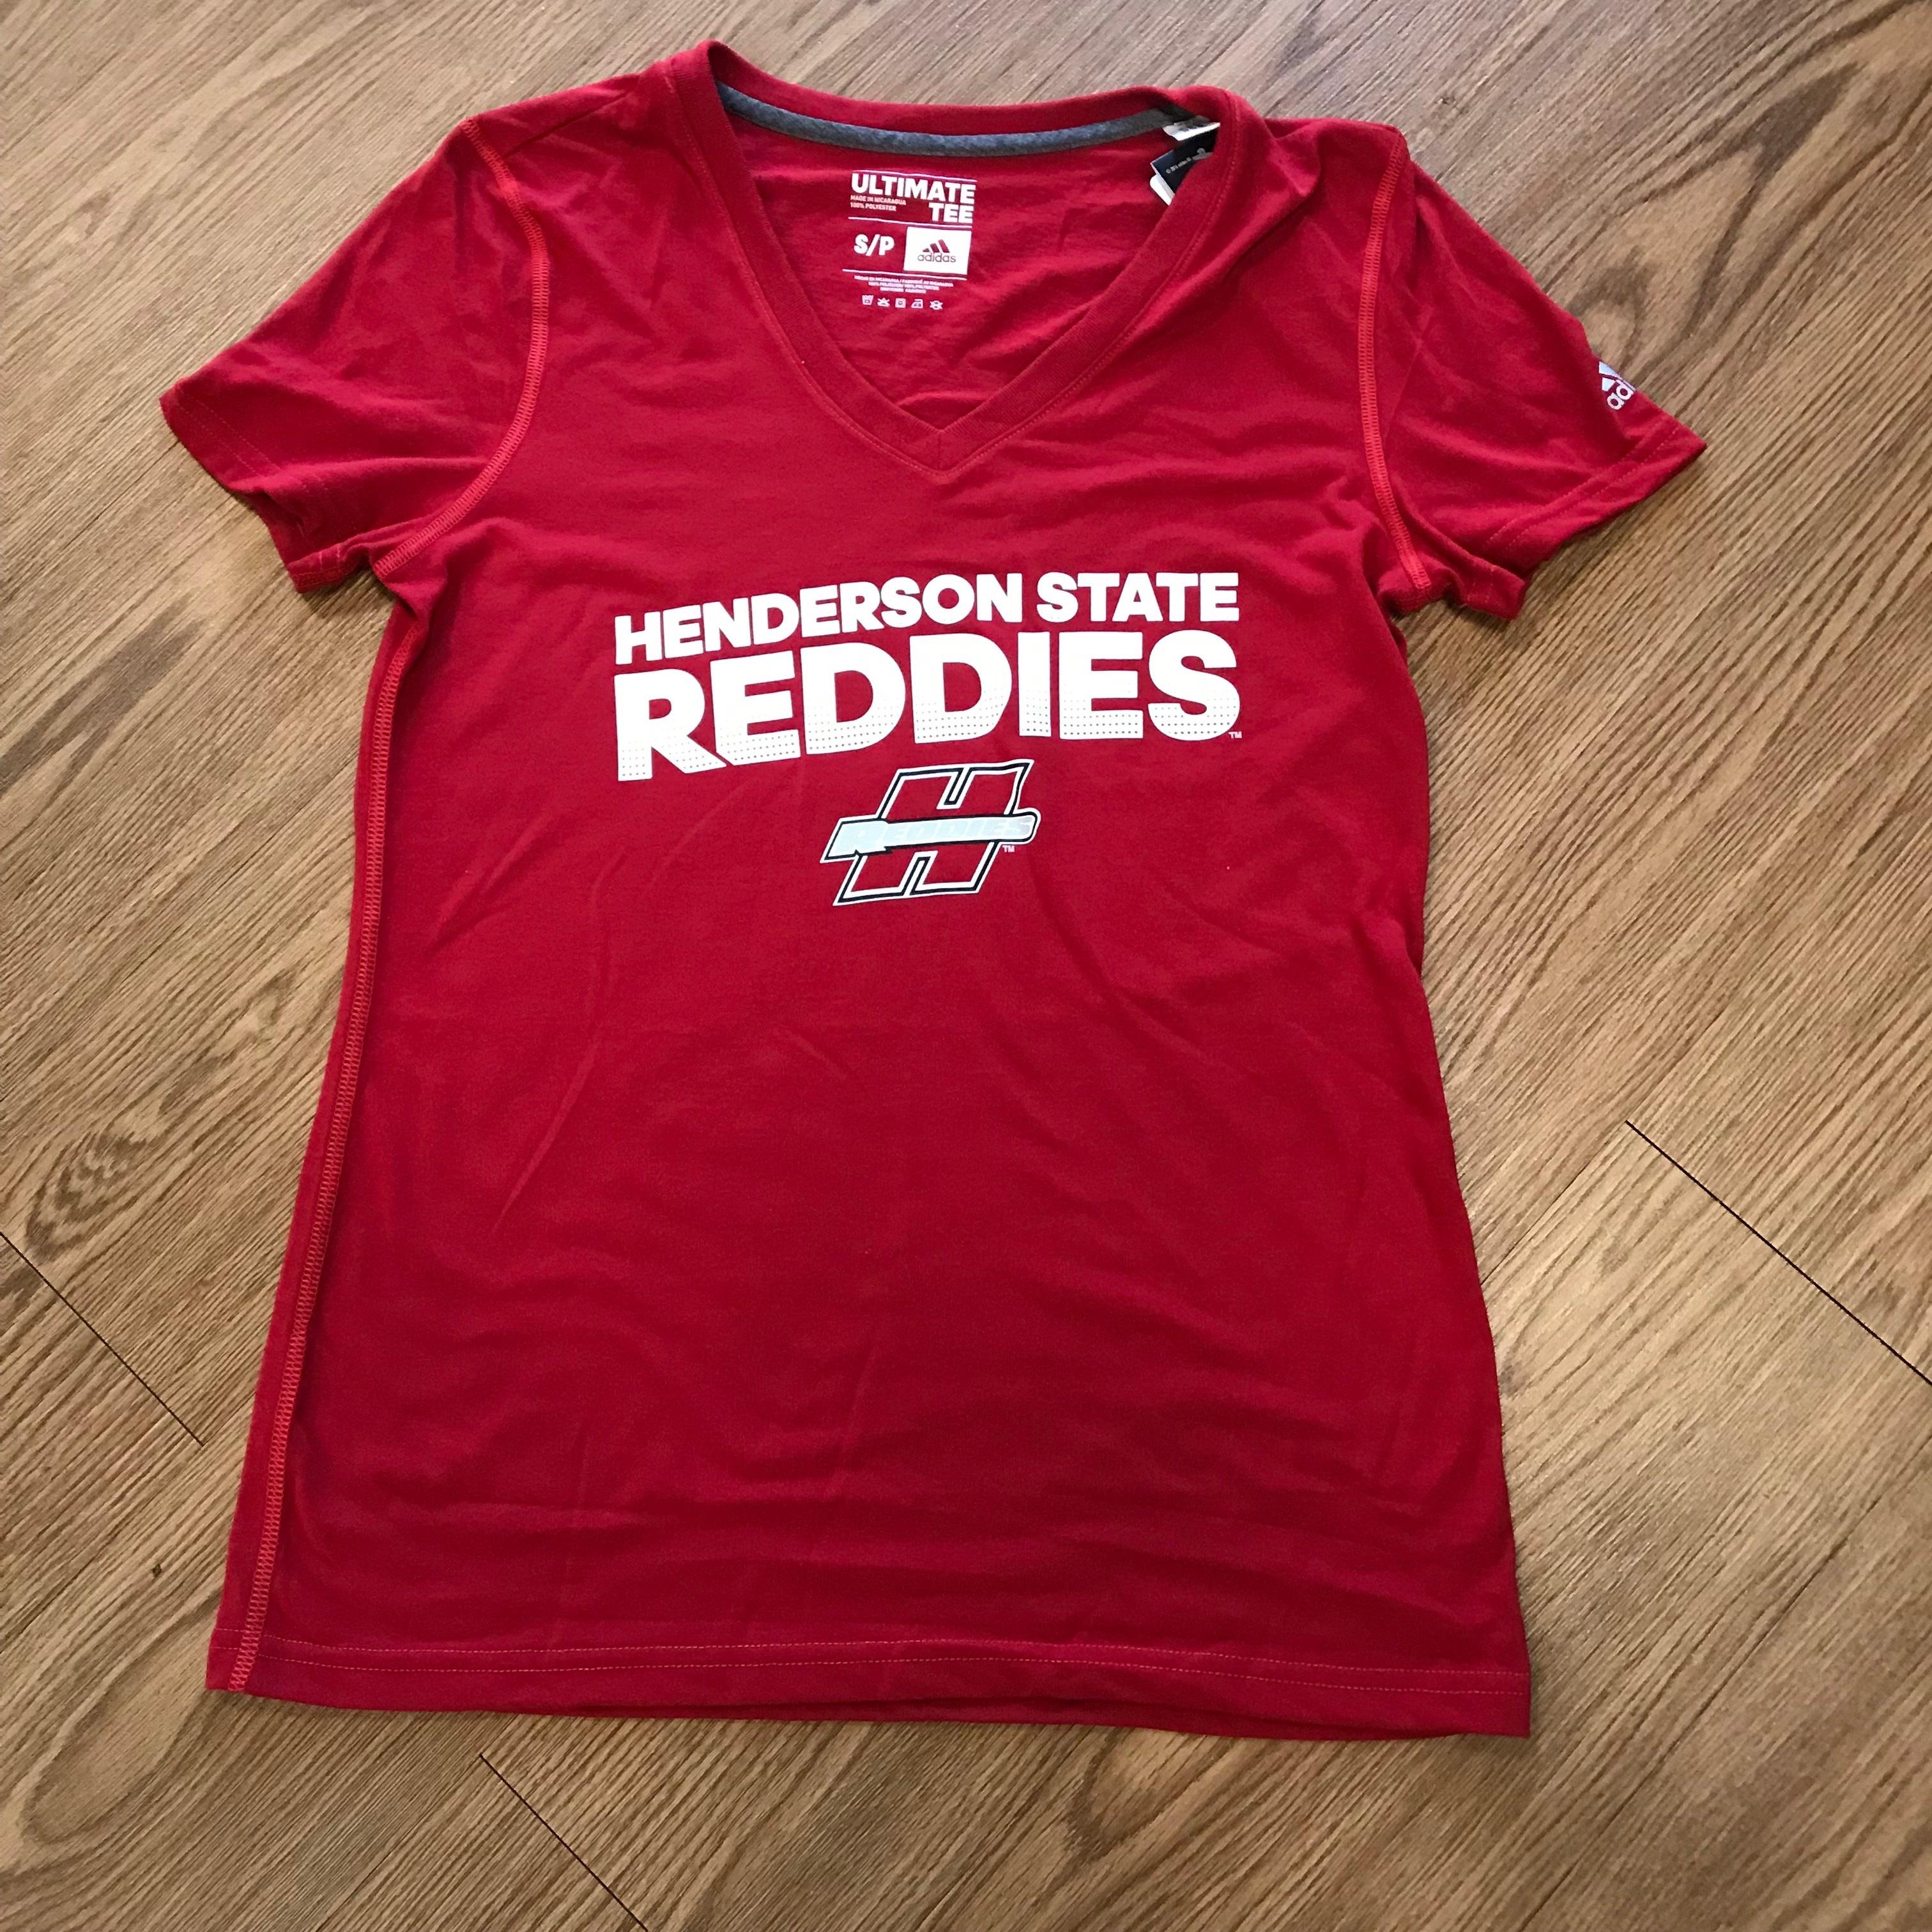 Adidas Henderson Reddies Vneck Tee